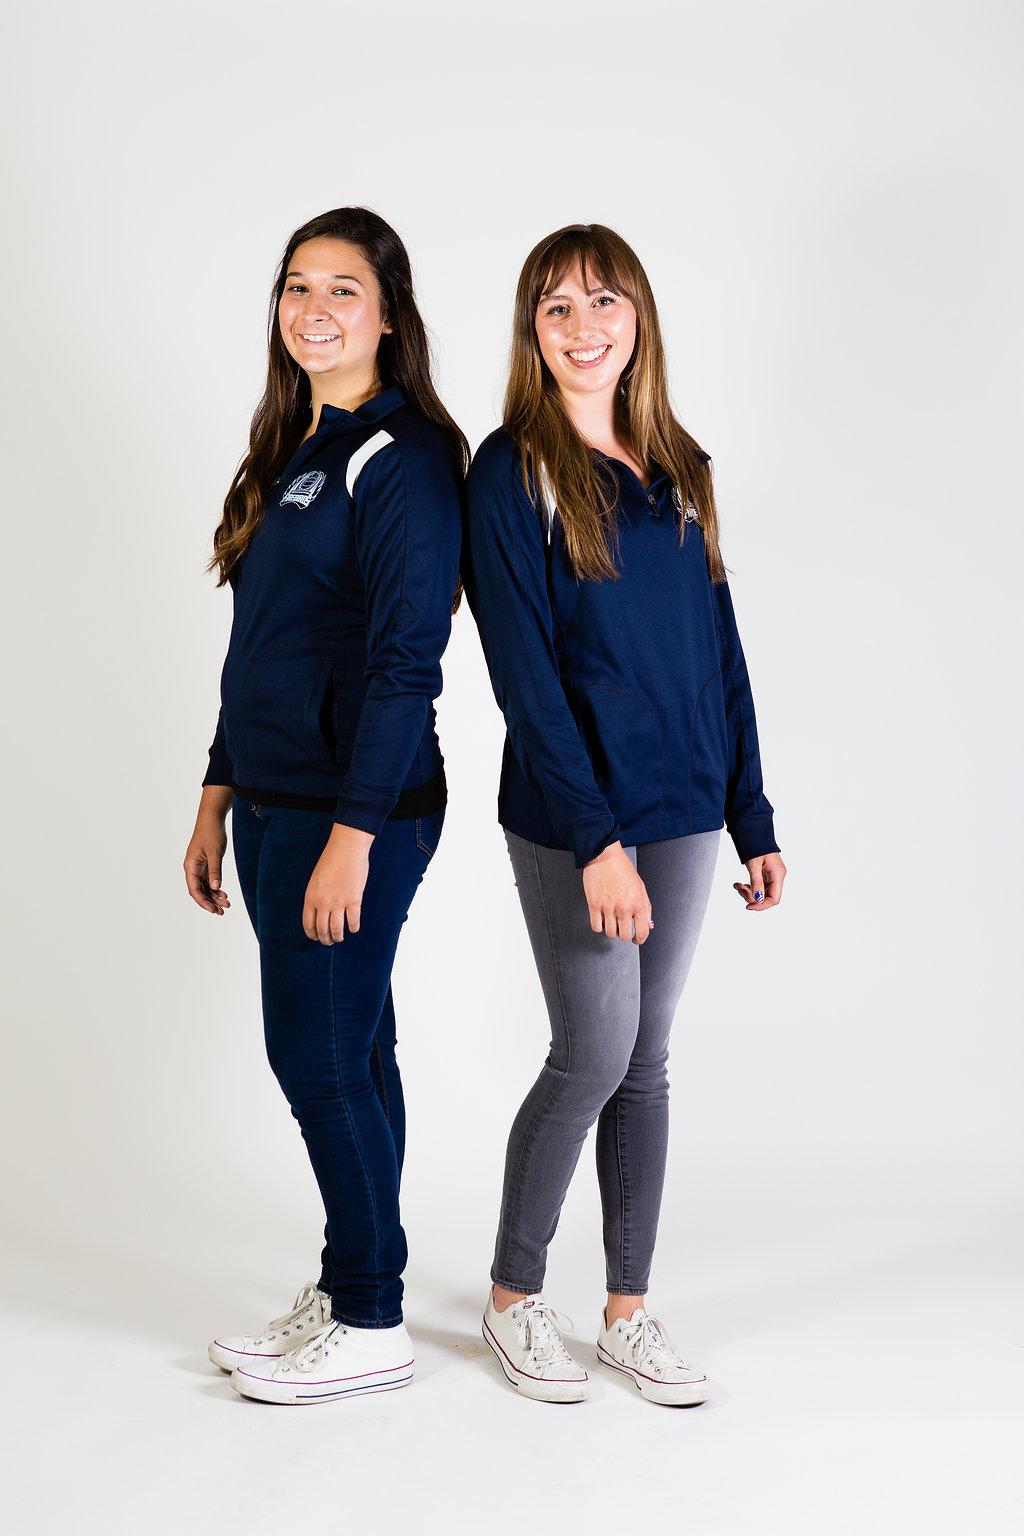 16JuneWCA_Uniforms086.jpg